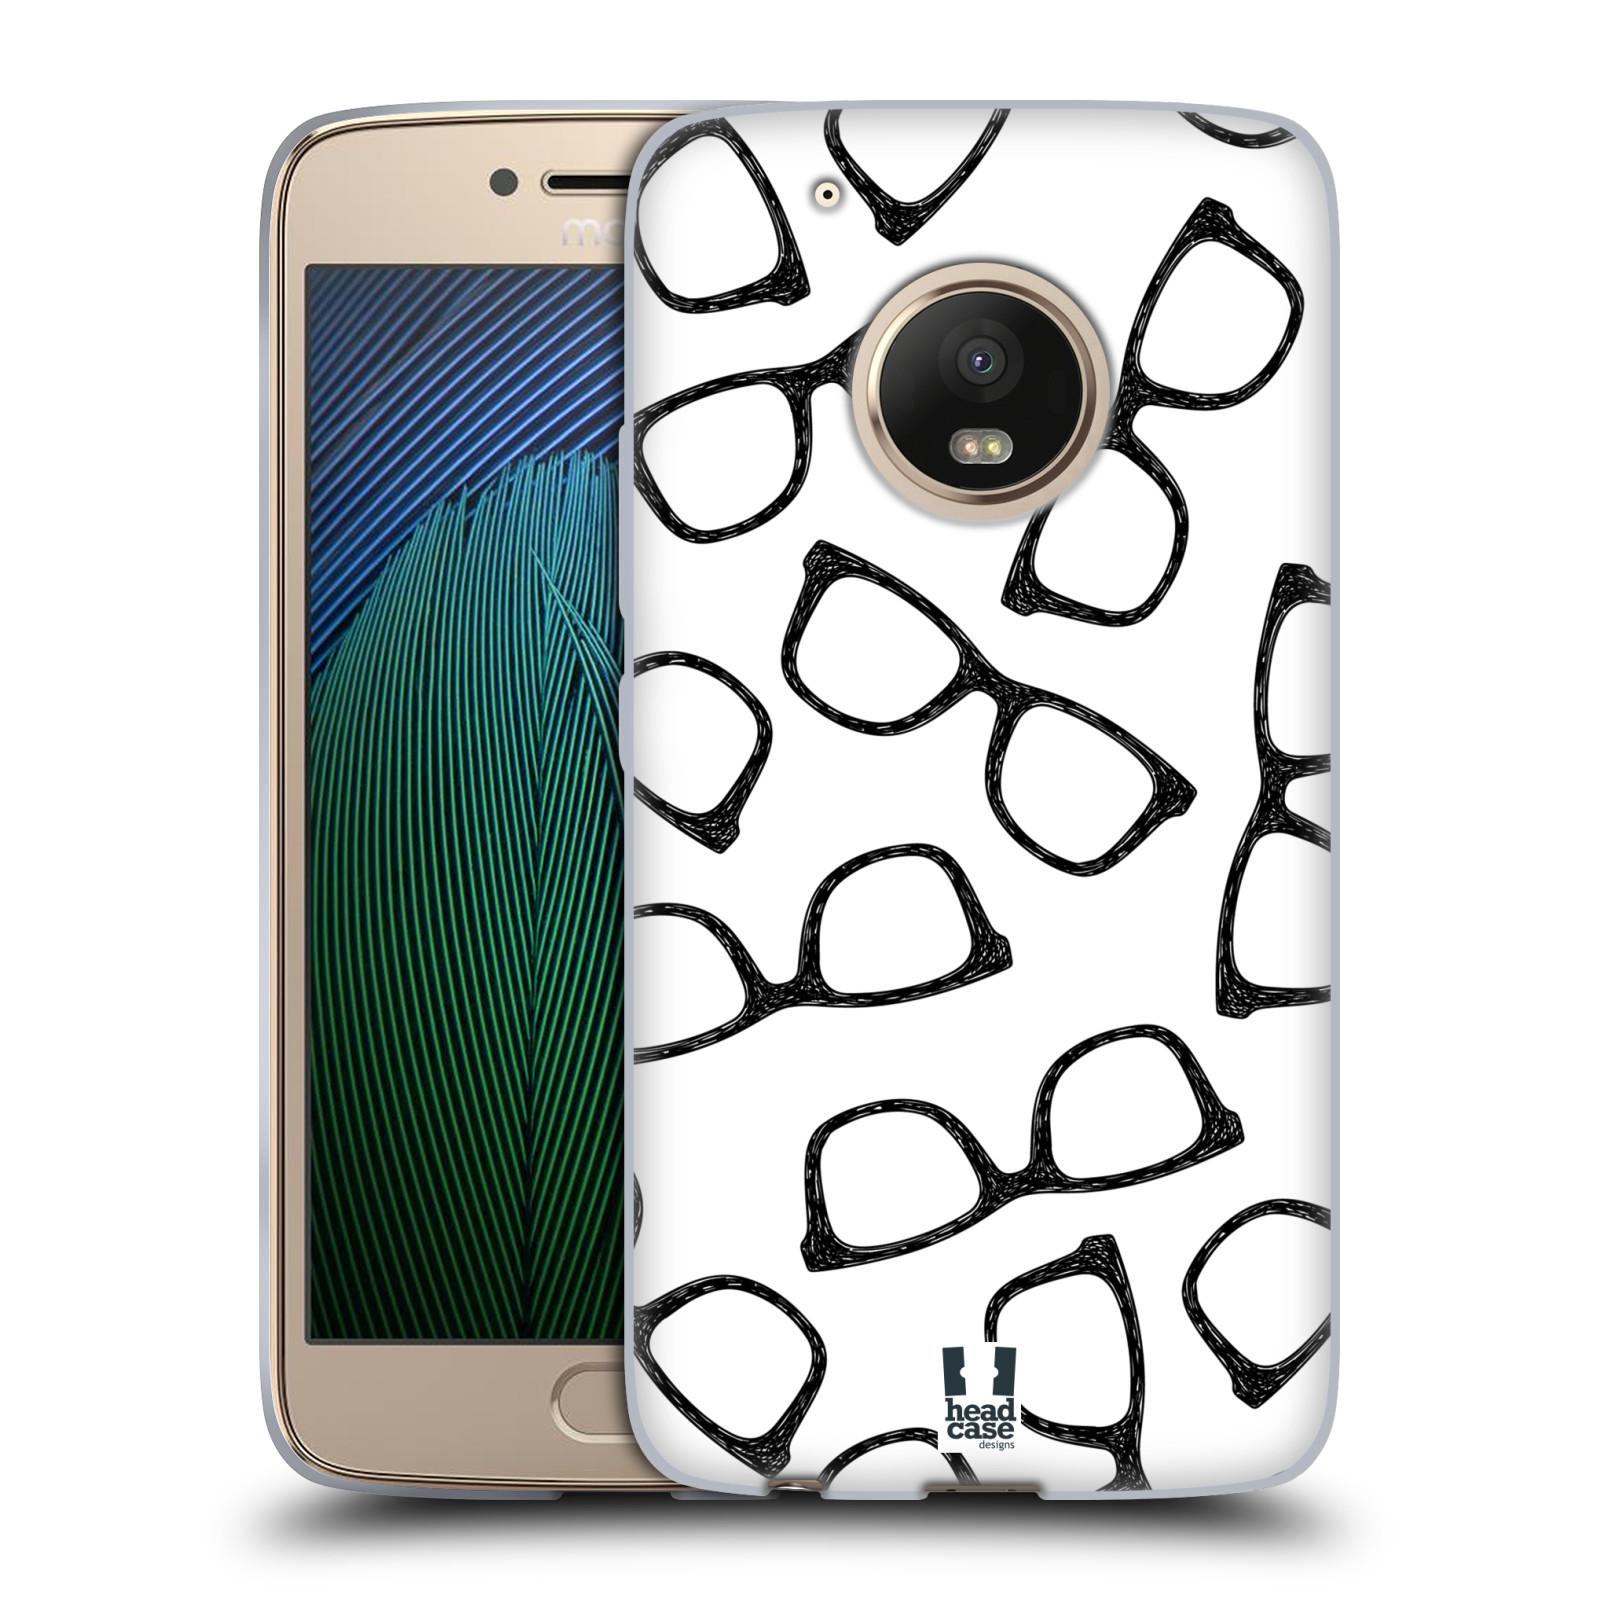 Silikonové pouzdro na mobil Lenovo Moto G5 Plus - Head Case HIPSTER BRÝLE (Silikonový kryt či obal na mobilní telefon Lenovo Moto G5 Plus)